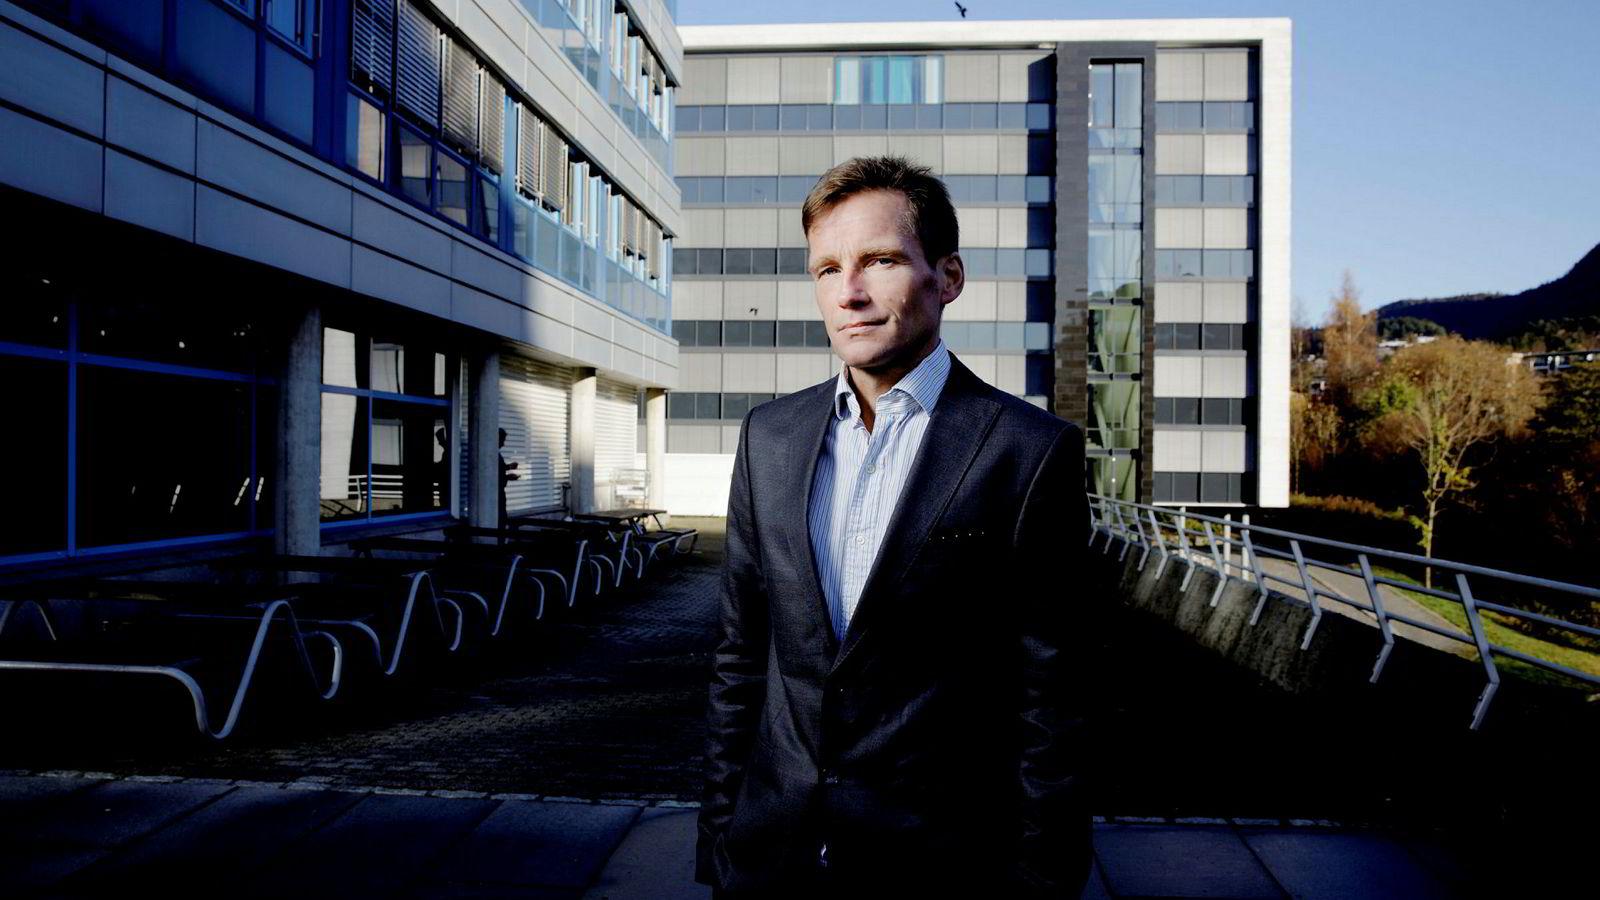 Finansmarkedet later til å tolke Trumps korte tale etter valgseieren – og løfter om lavere skatt – positivt, mener investeringsdirektør Robert Næss i Nordea Investment Management.